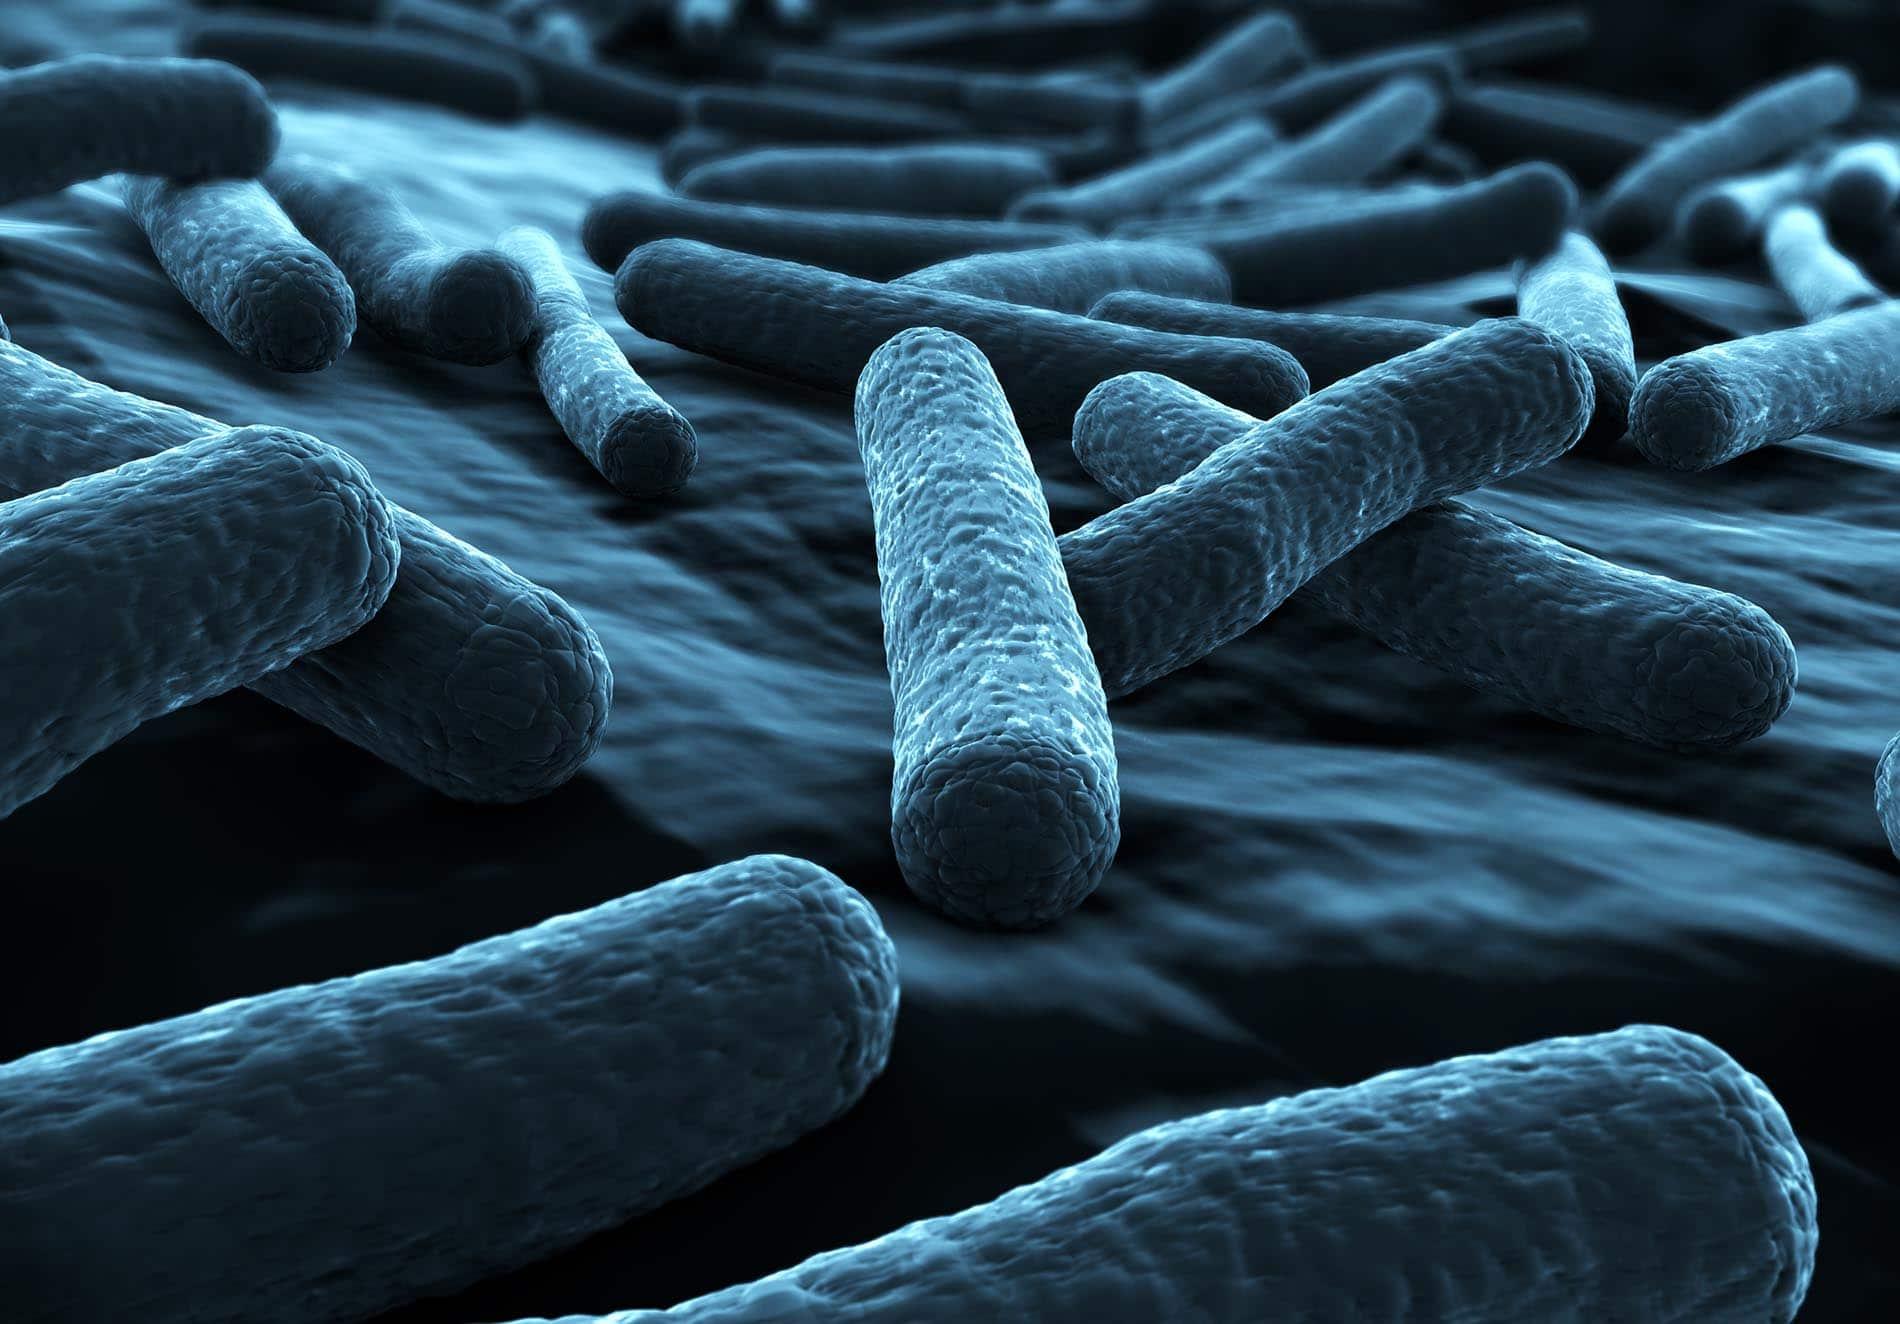 Bakterien vom Stamm E. coli sind sehr häufig für Durchfälle im Urlaub verantwortlich.